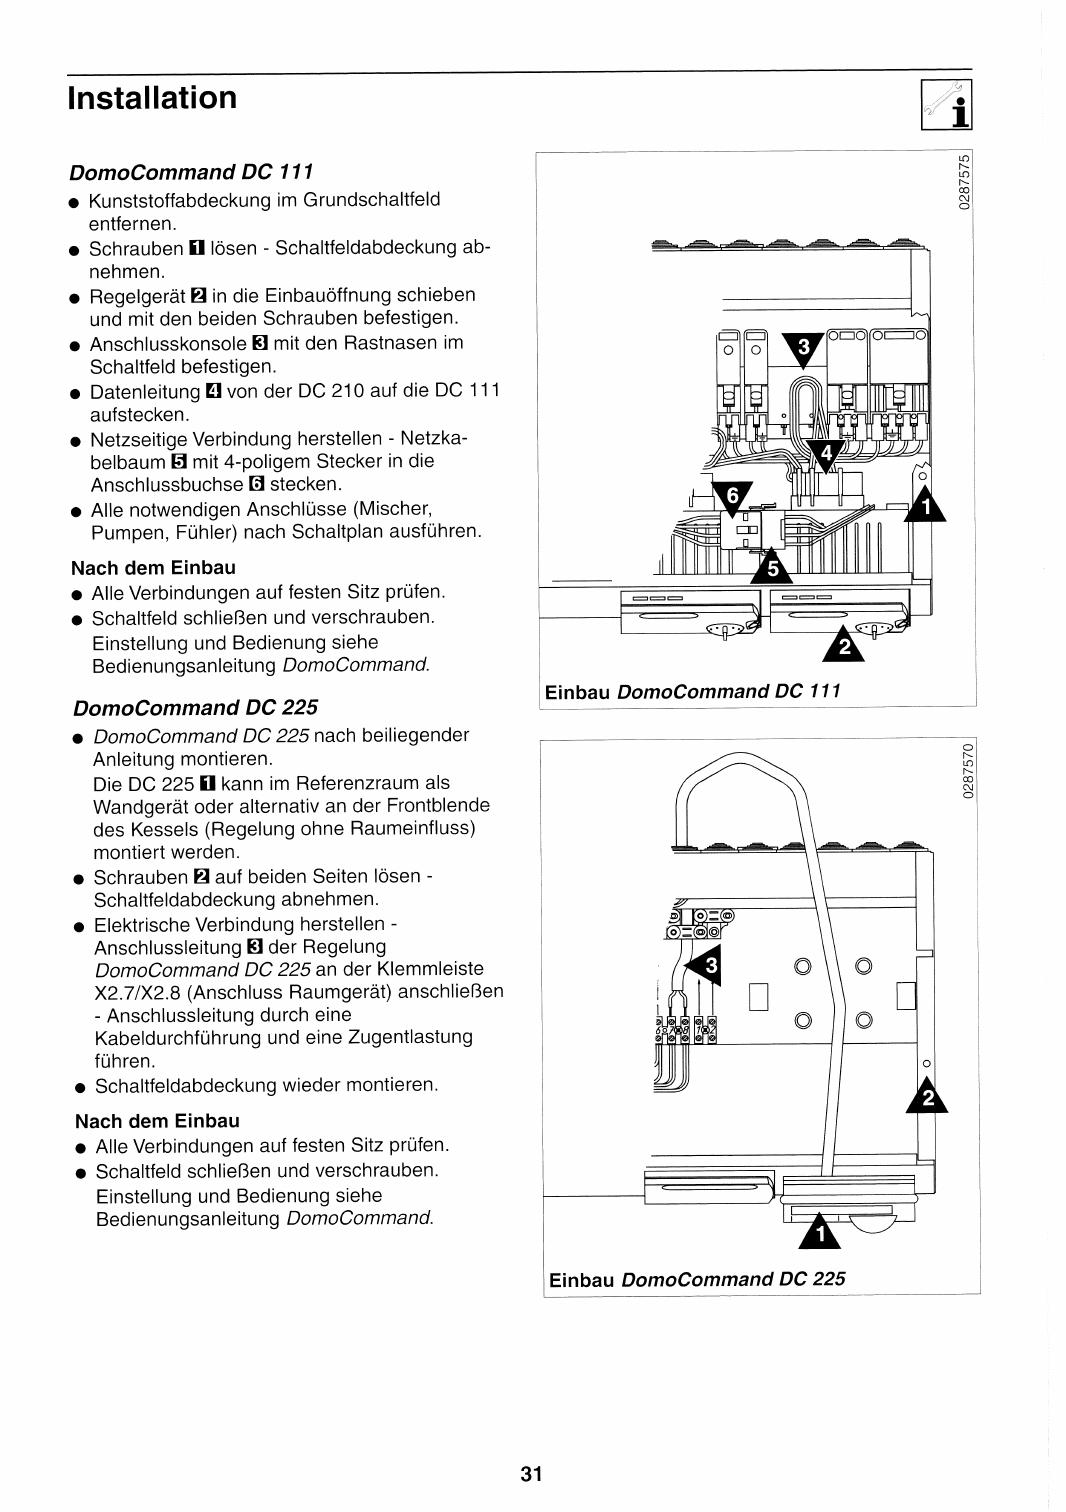 Niedlich Munchkin Kessel Fehlercodes Bilder - Schaltplan Serie ...